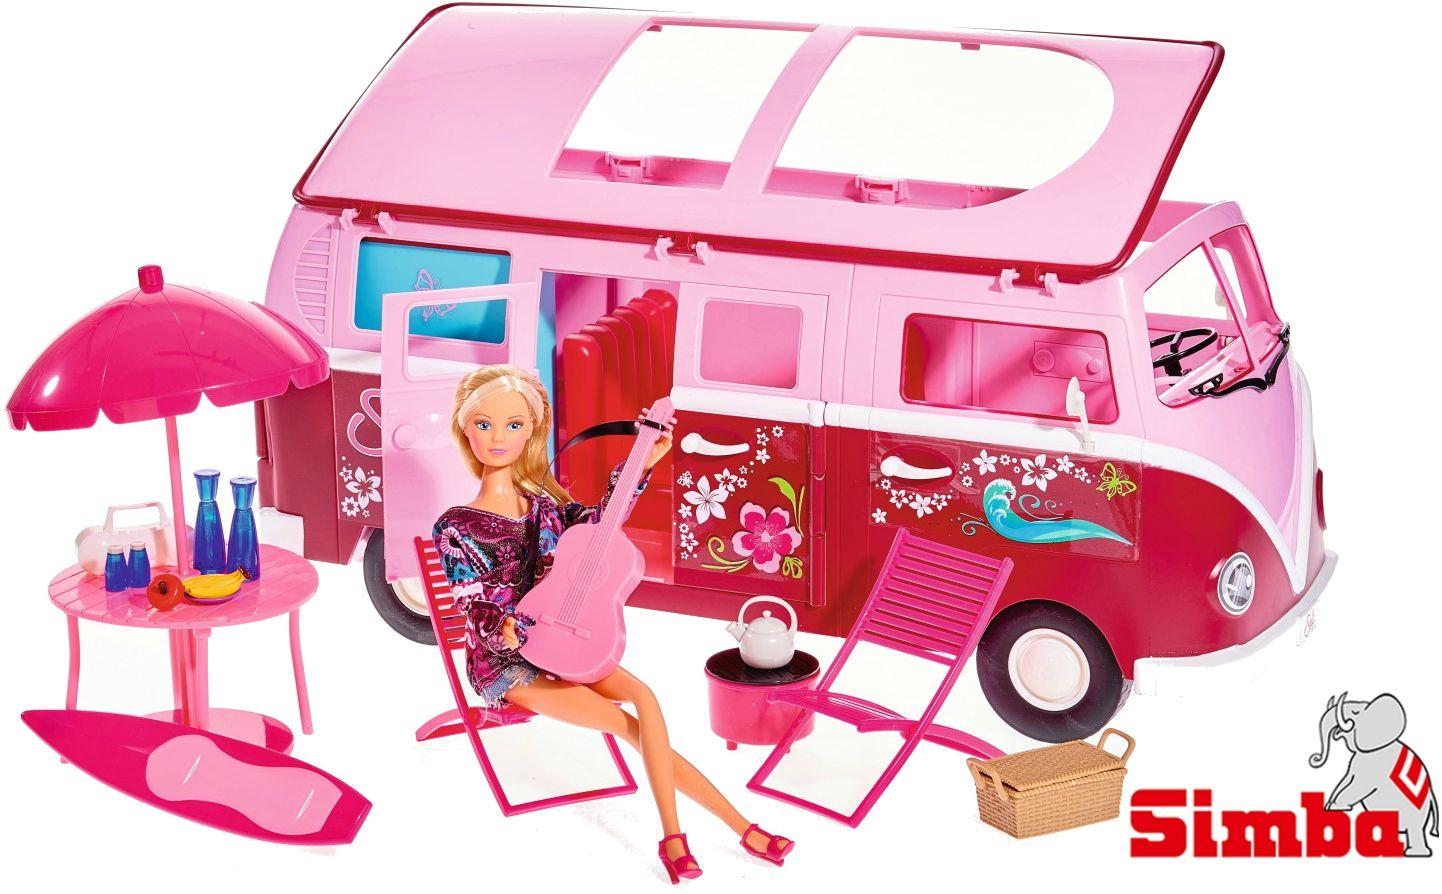 ぬいぐるみ・人形, 着せ替え人形 Simba Toys Steffi LOVE1 50